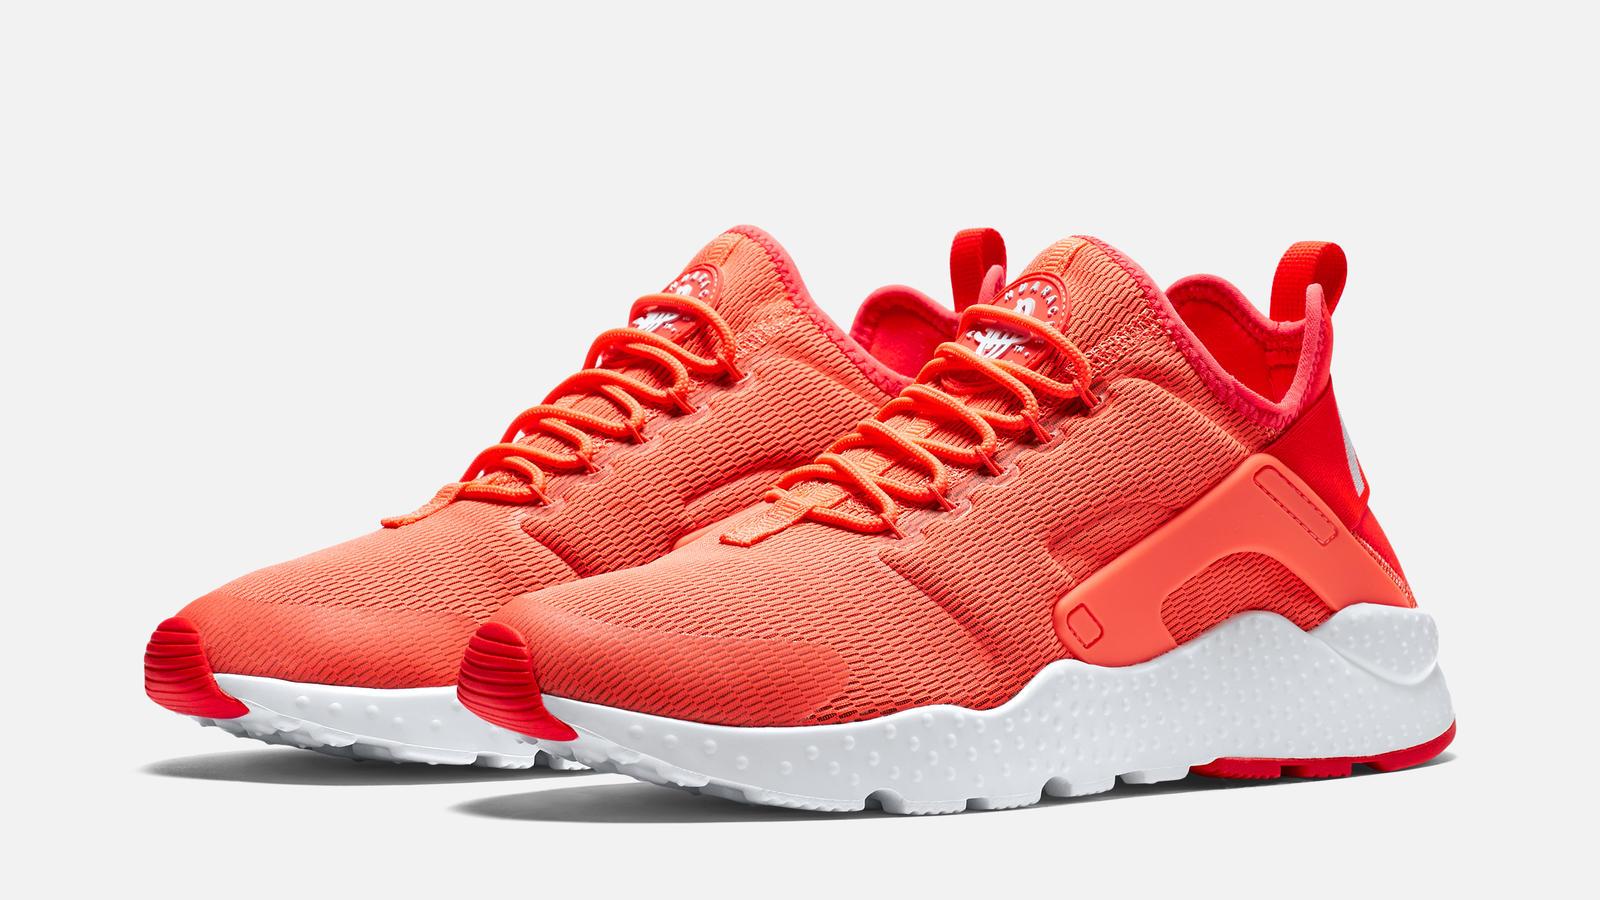 timeless design 00aec d46ad ... nike air huarache red and orange Nike Air Huarache Run Ultra - Mens ...